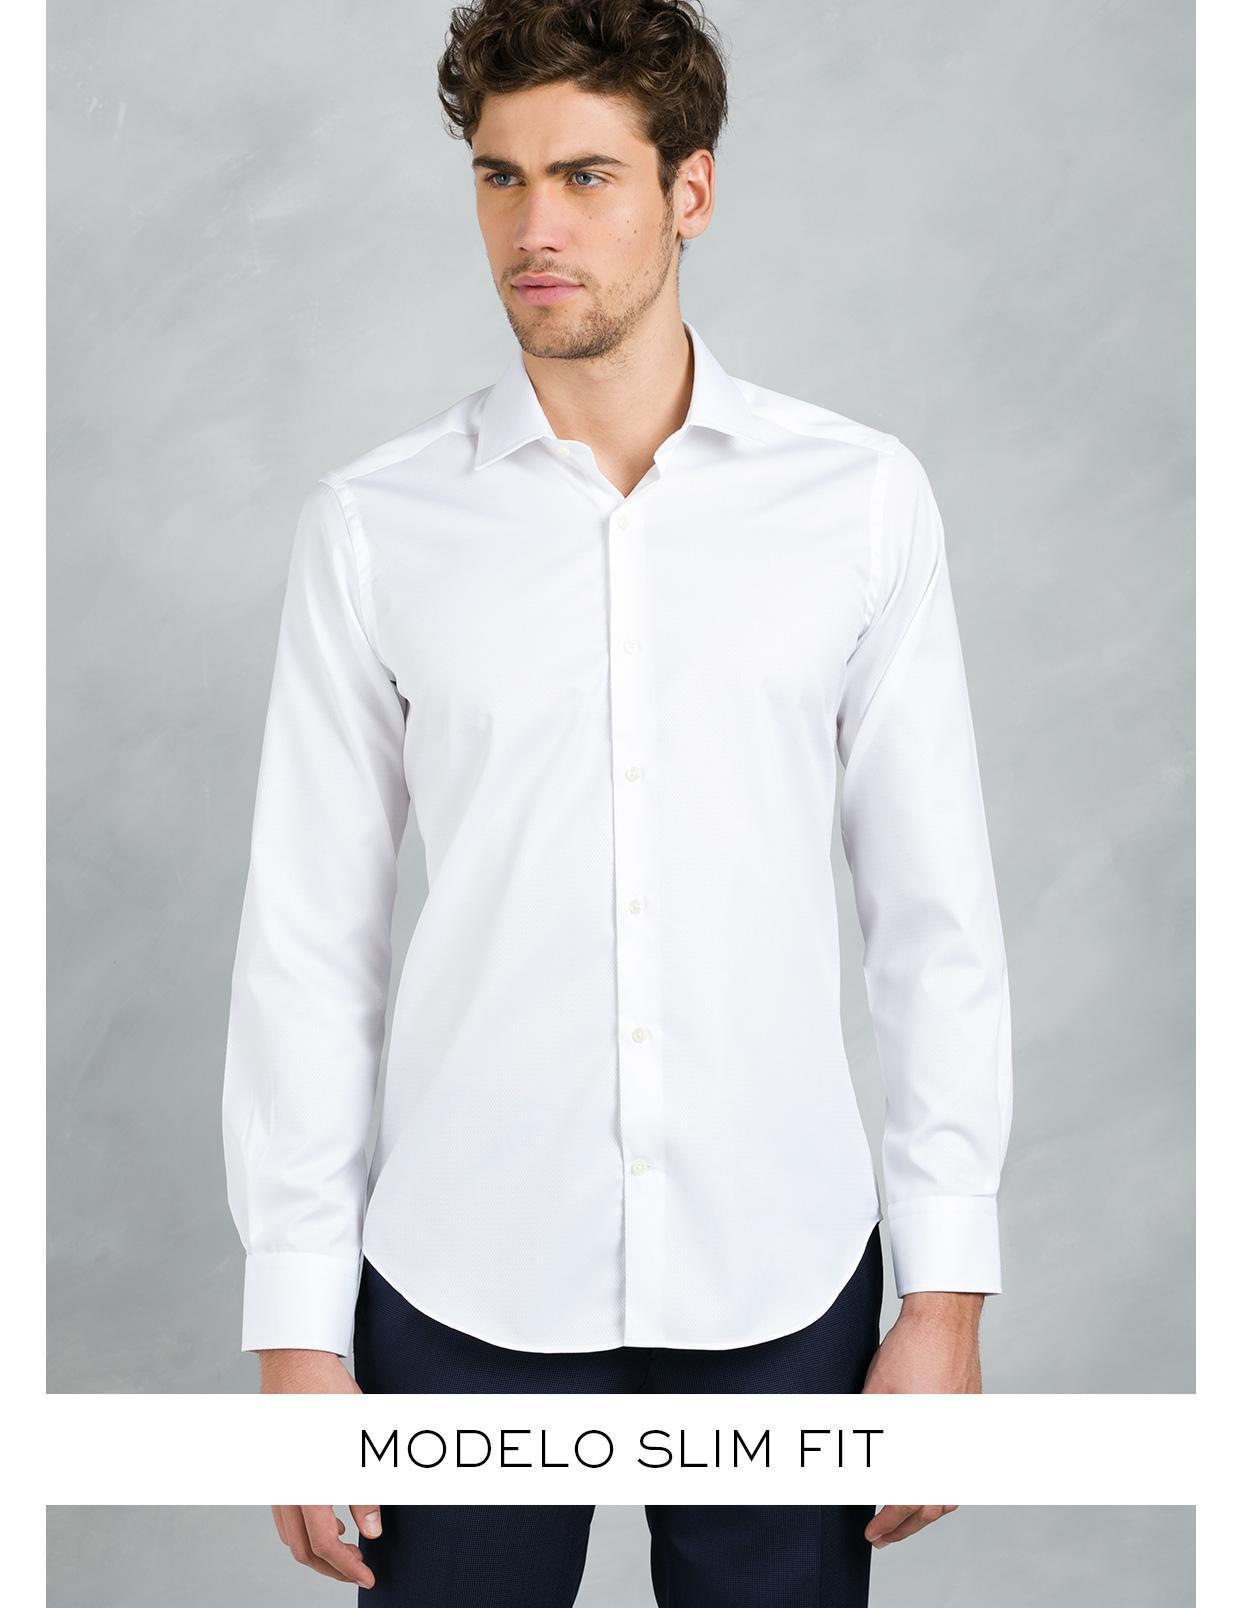 Camisa Formal Wear SLIM FIT cuello italiano modelo ROMA tejido micrograbado color blanco, 100% Algodón. - Ítem3